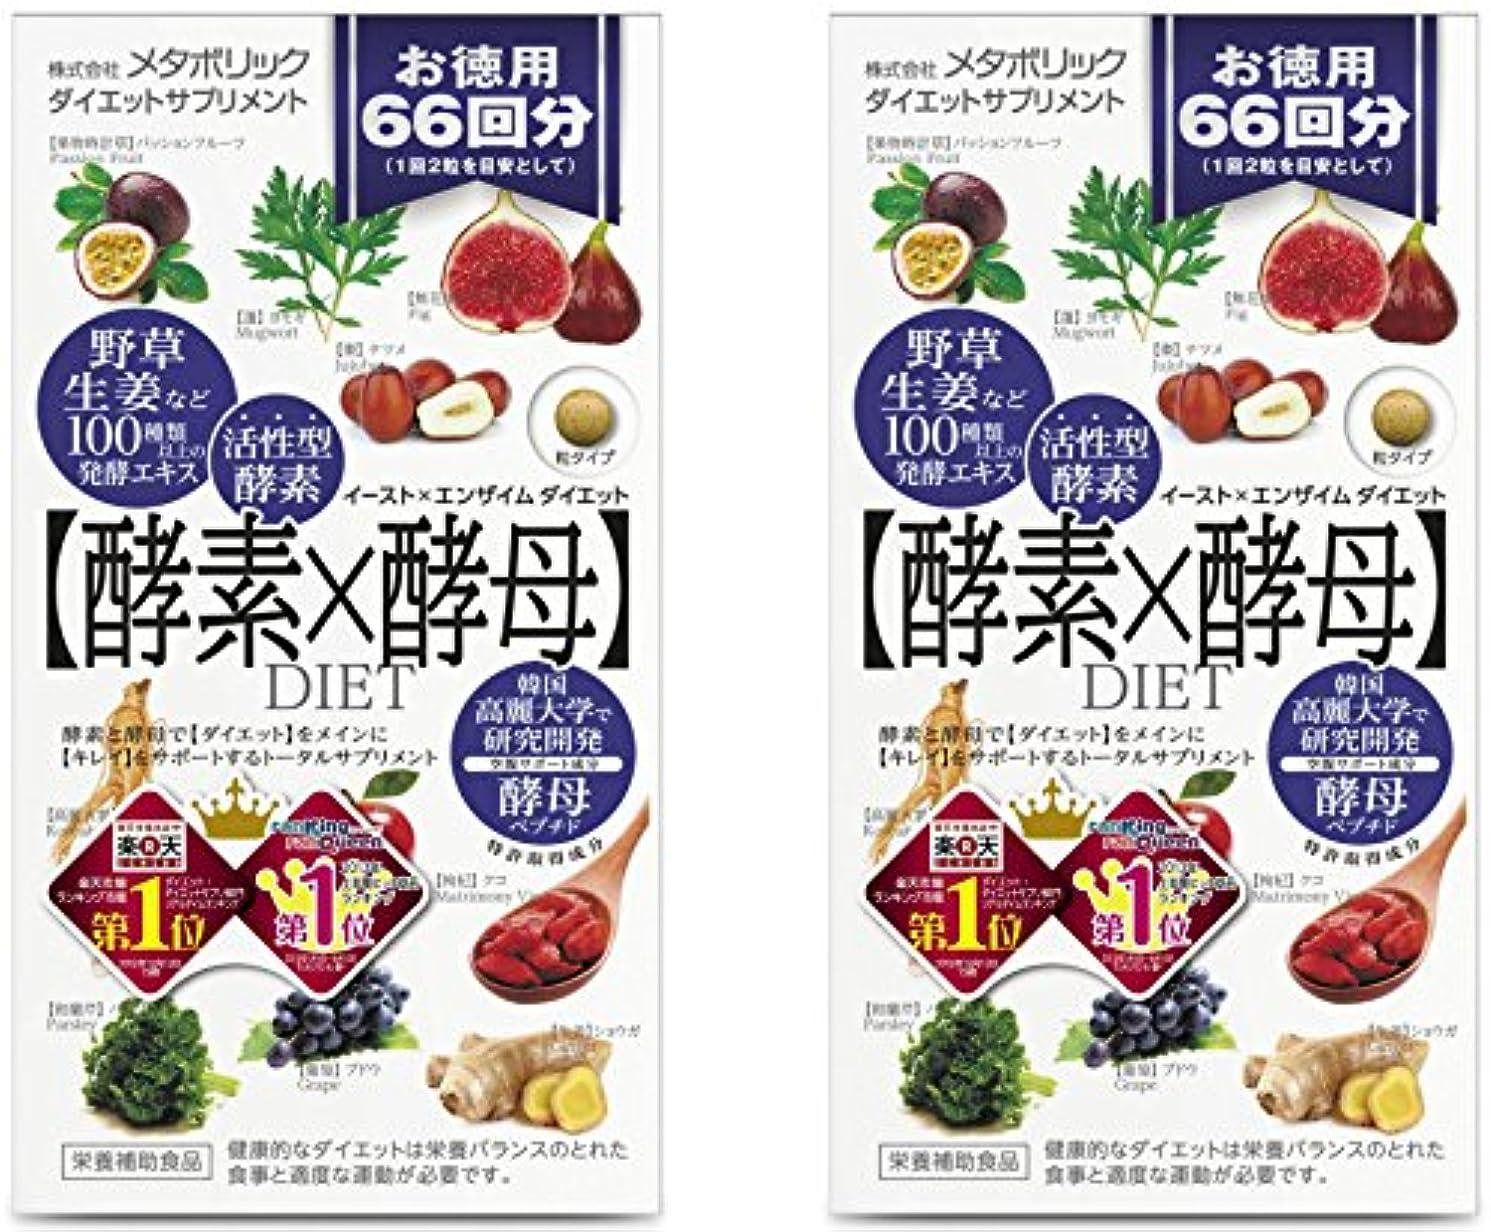 メタボリック 【賞味期限2017年6月の為、特価】 イースト×エンザイム ダイエット 徳用 132粒×2個